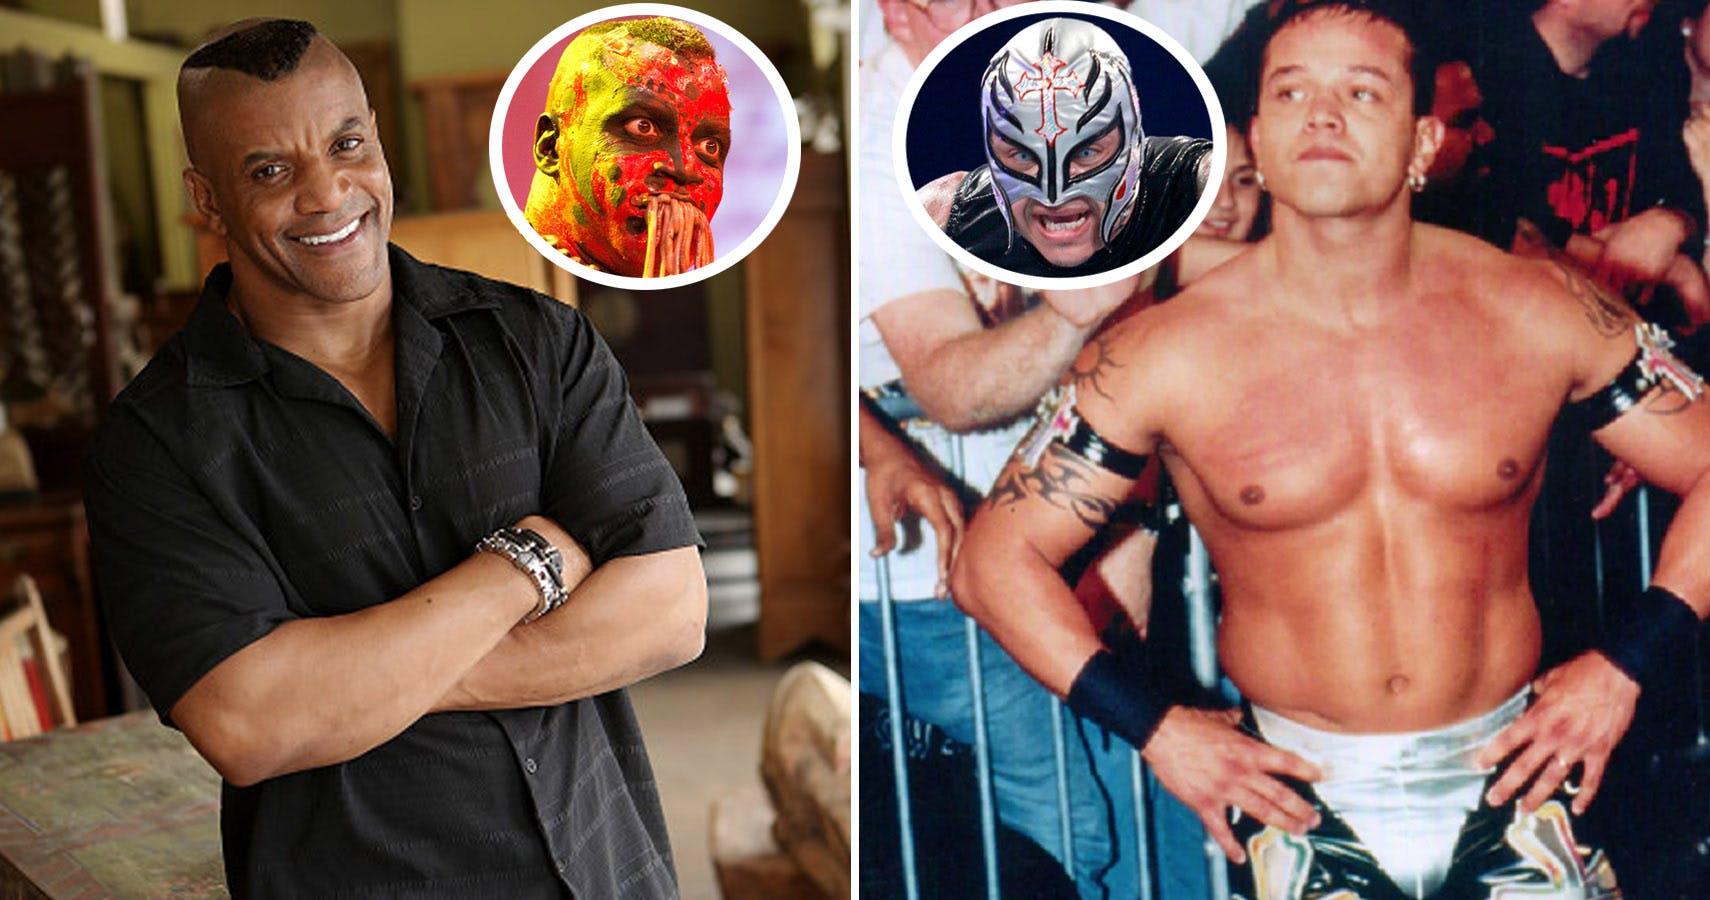 क्या आपने कभी सोचा है कि नकाब के पीछे कैसा दिखता है इन WWE रैसलरों का असली चेहरा